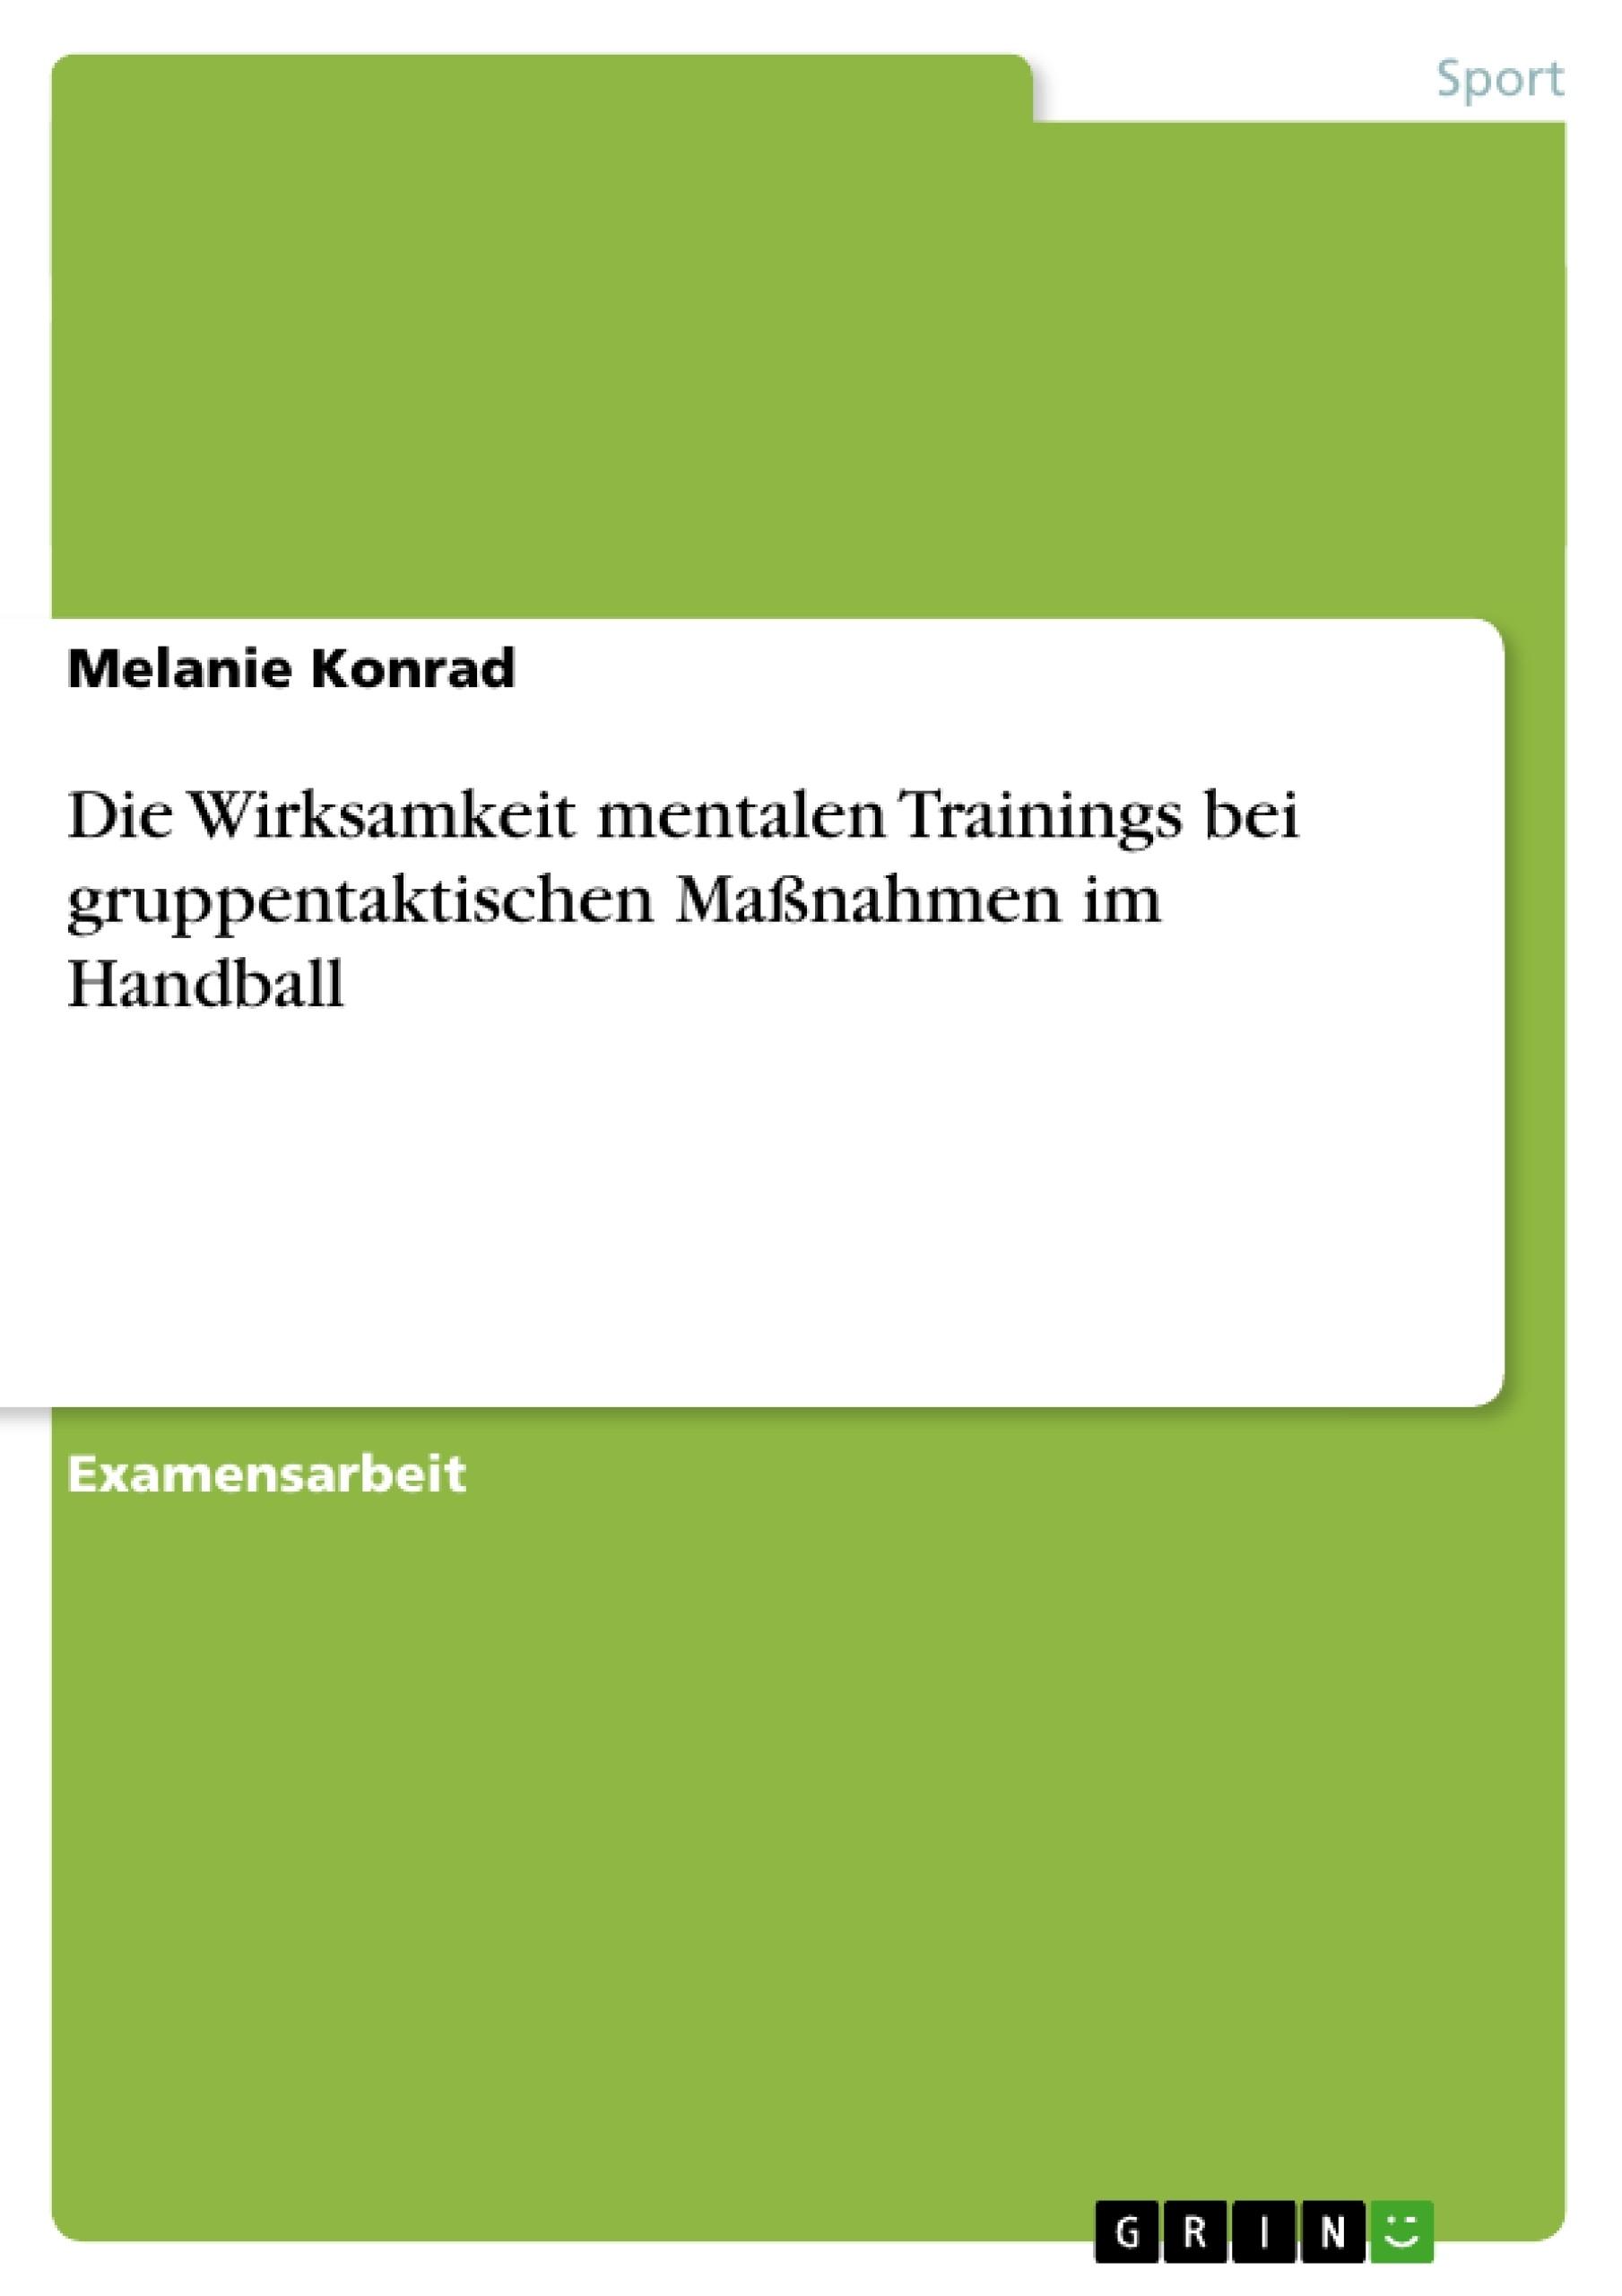 Titel: Die Wirksamkeit mentalen Trainings bei gruppentaktischen Maßnahmen im Handball